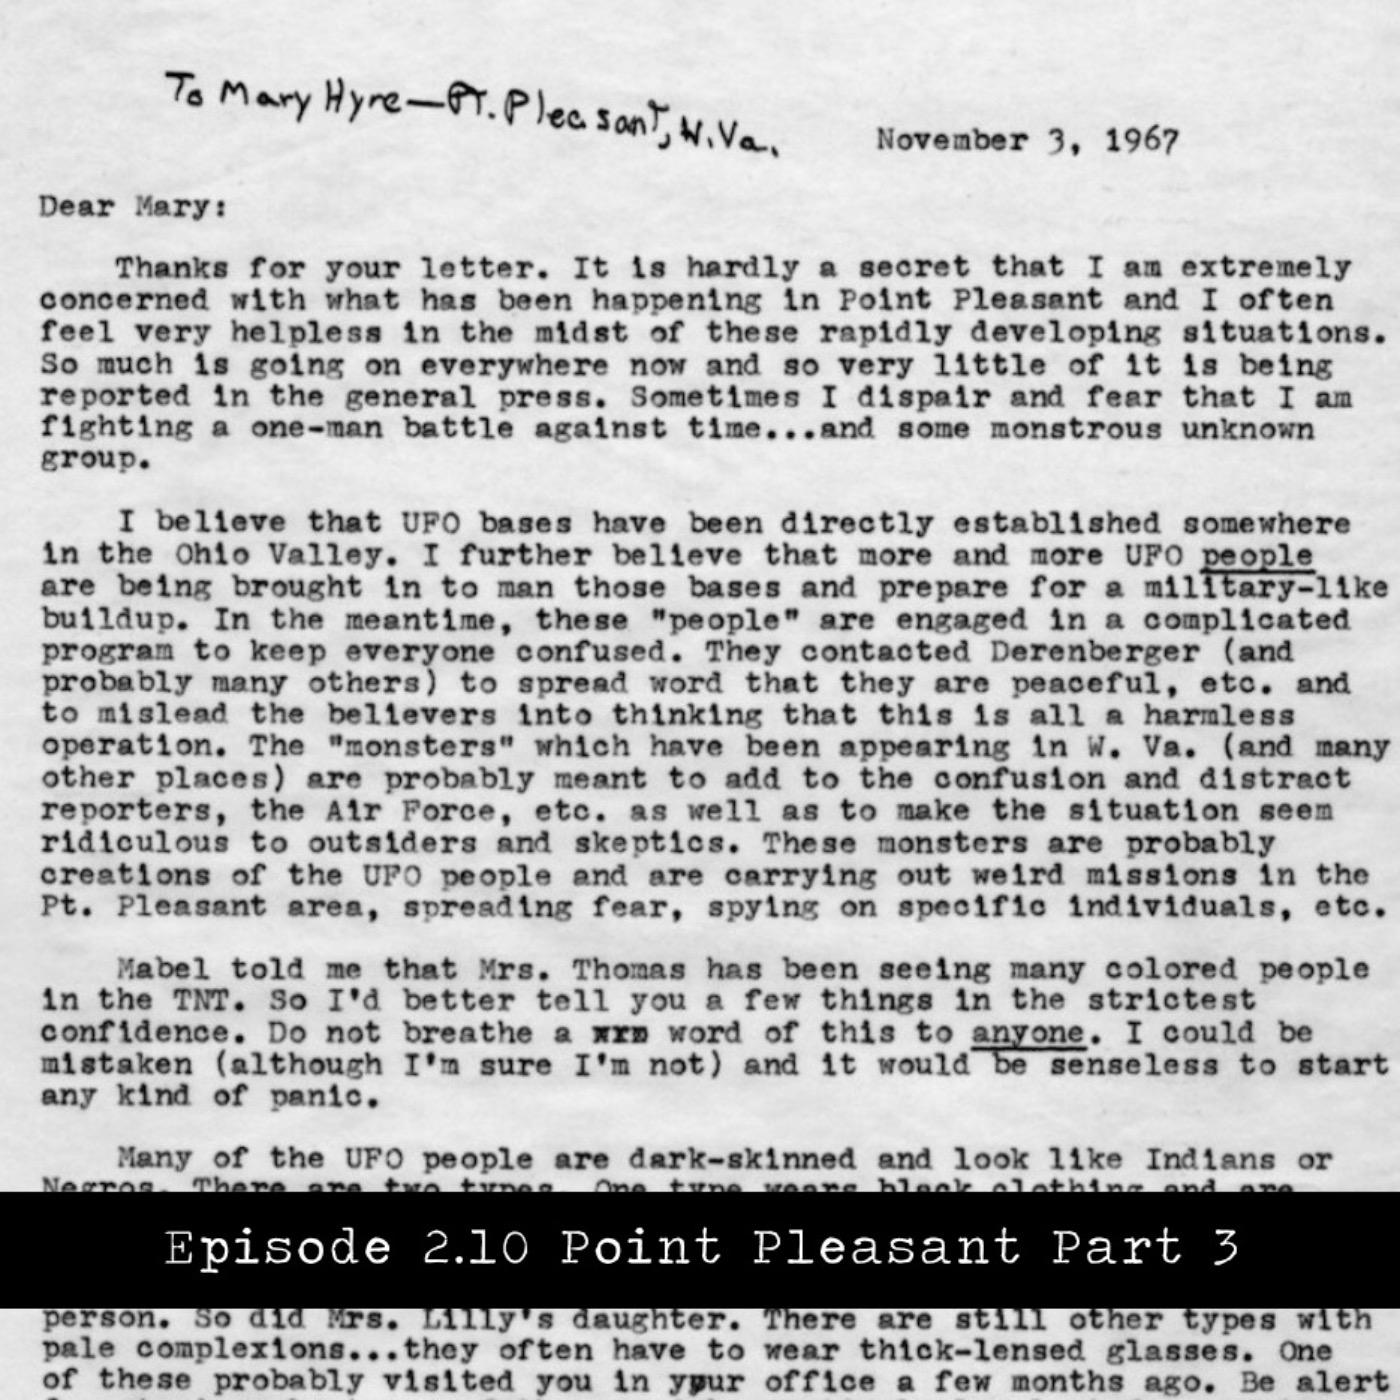 Point Pleasant, WV Part 3